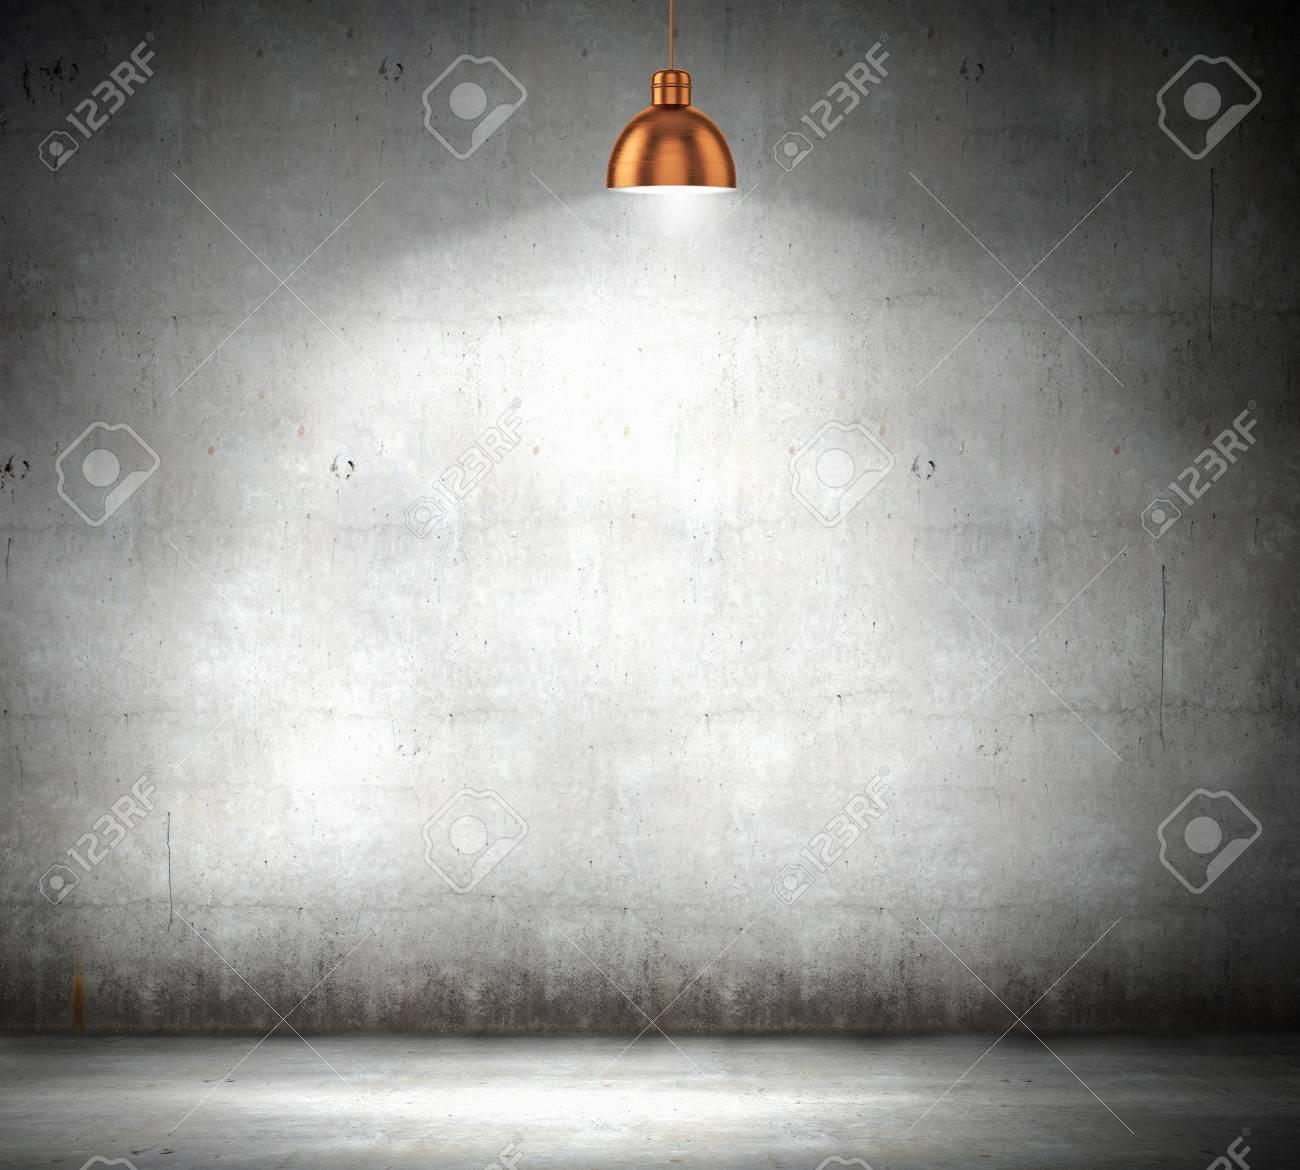 Standard Bild   Stein Leere Wand Beleuchtet Mit über Lampen Platz Für Text  Hängen